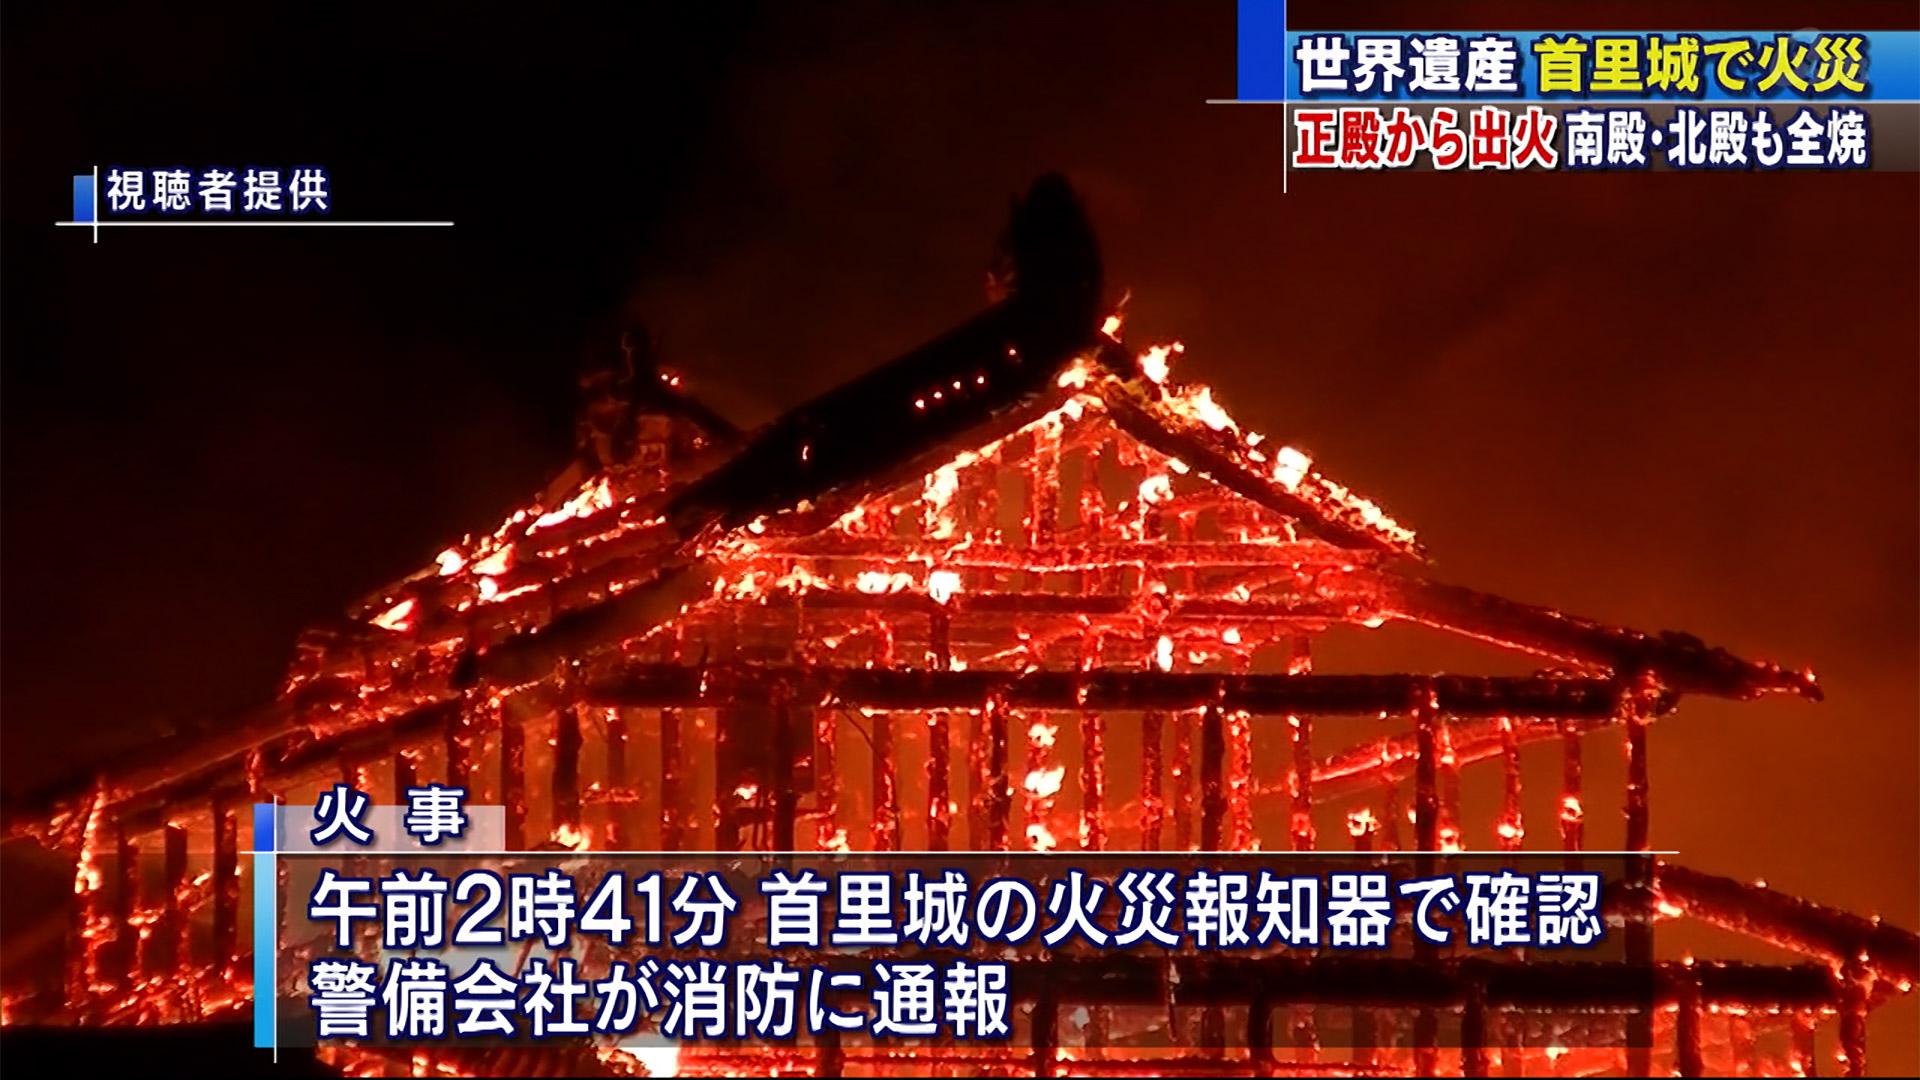 首 里 城 火災 原因 最新